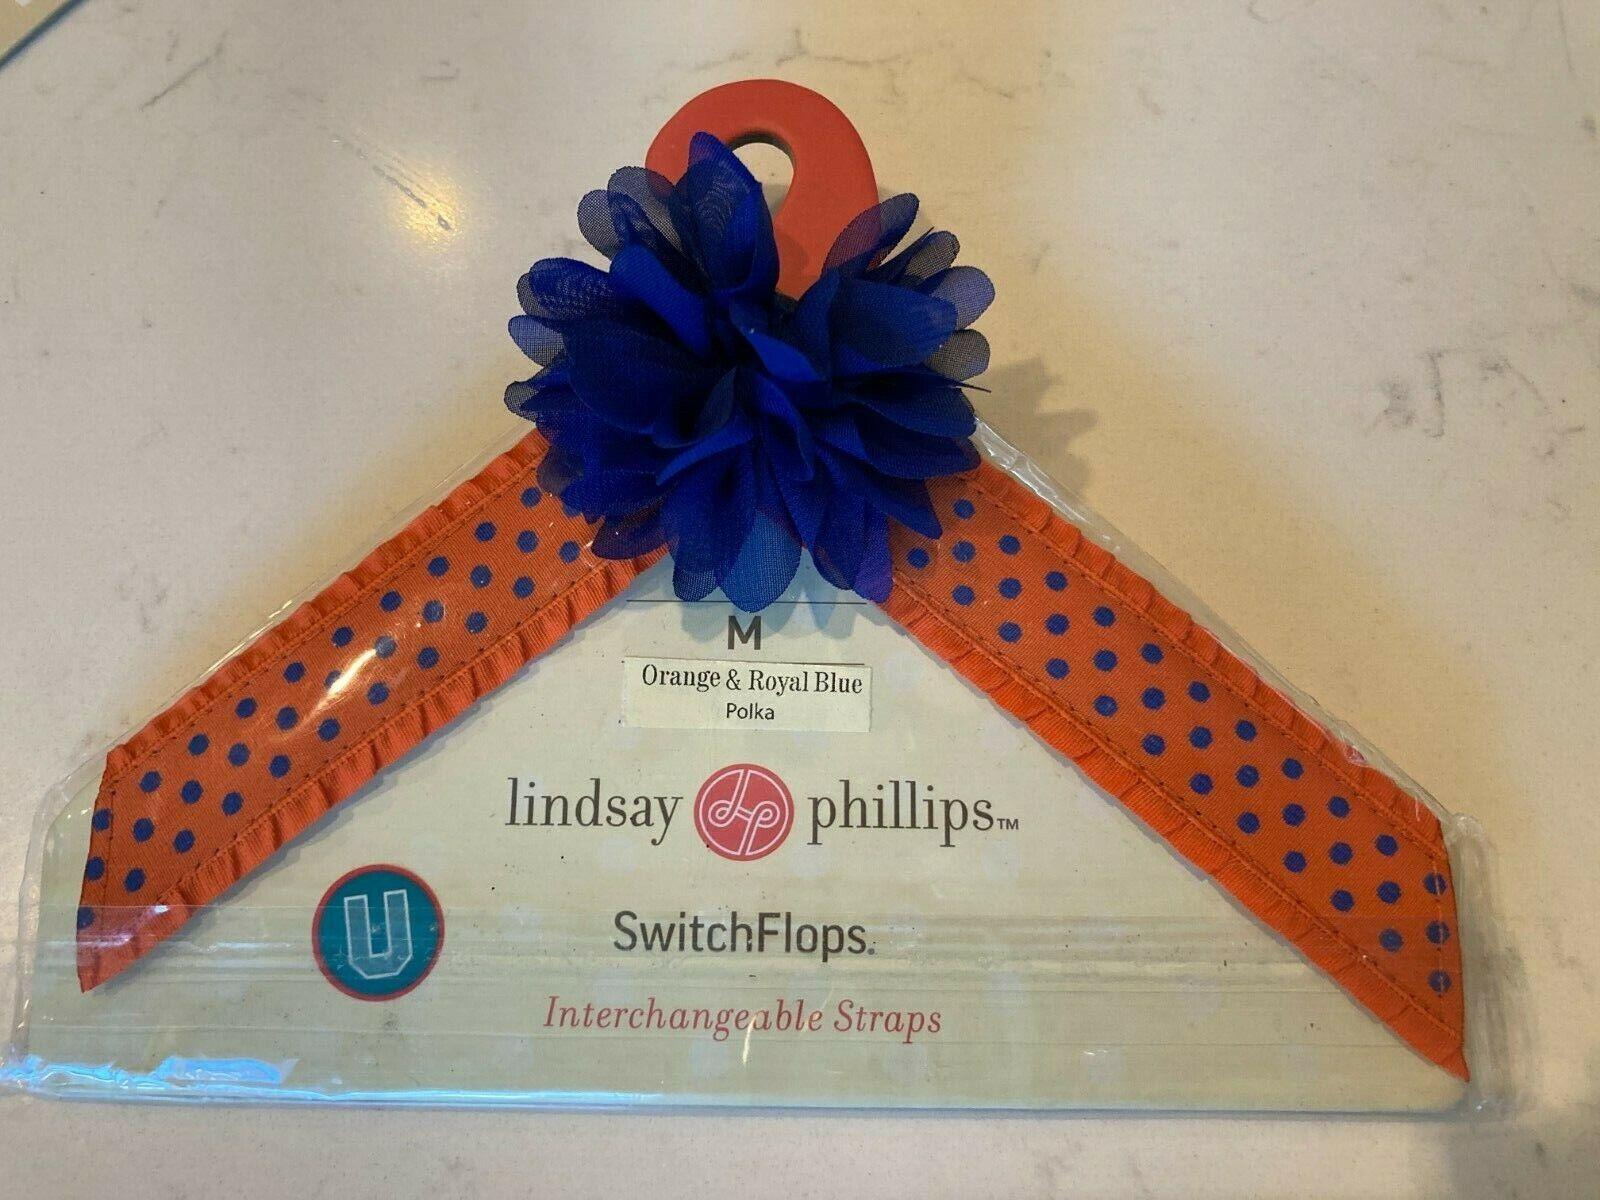 Lindsay Phillips SwitchFlops Strap Orange Royal Blue Flip Flop Shoe NEW Medium